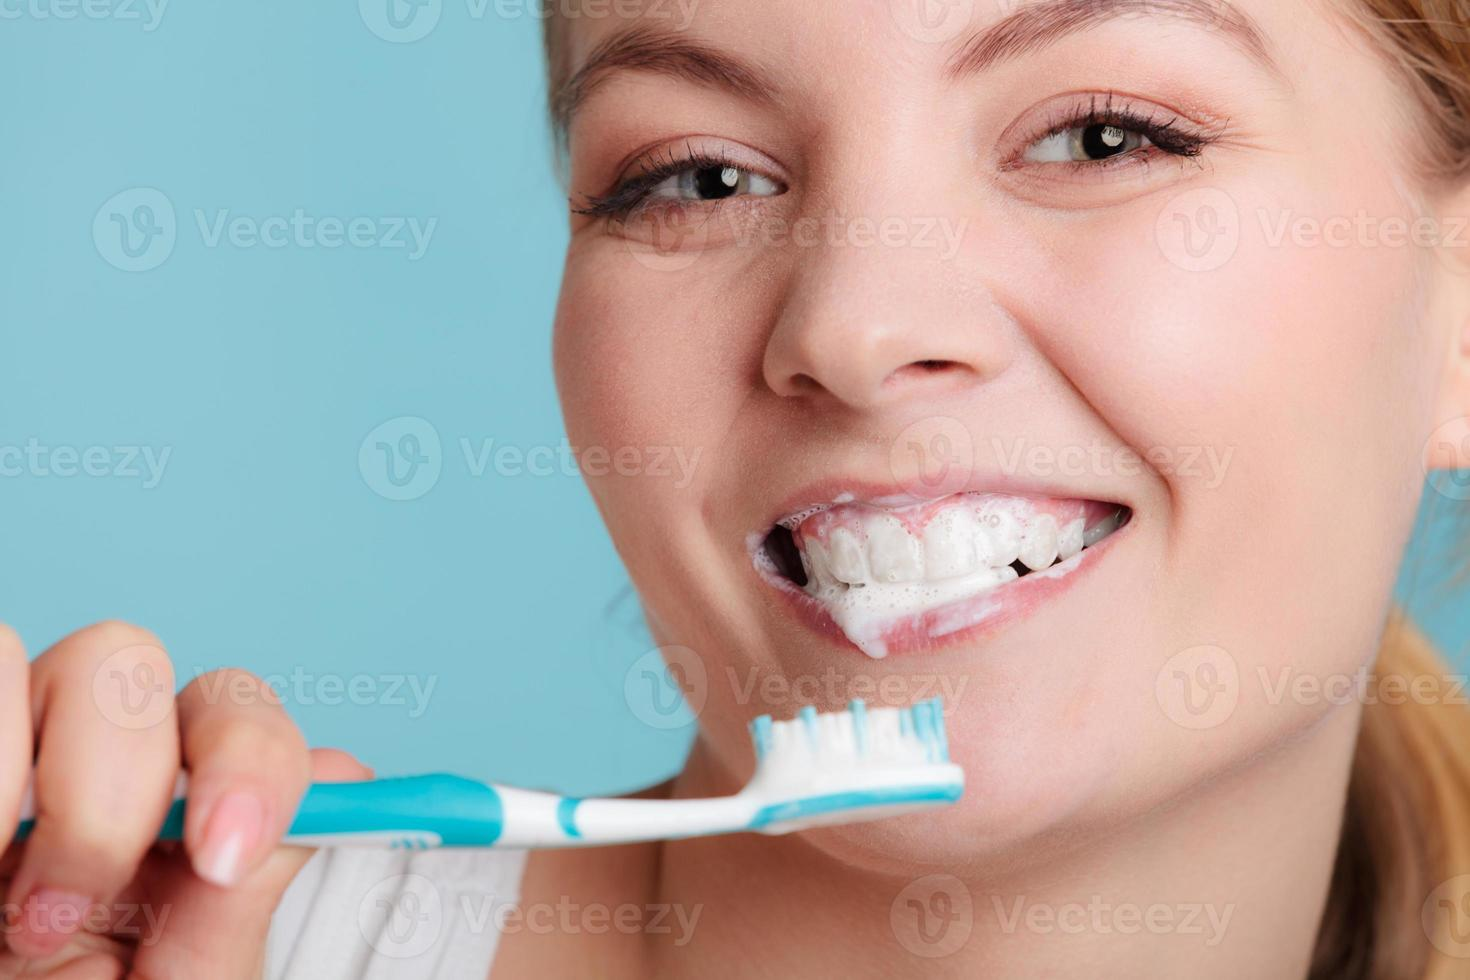 femme, à, brosse à dents, brossage, nettoyage, dents photo